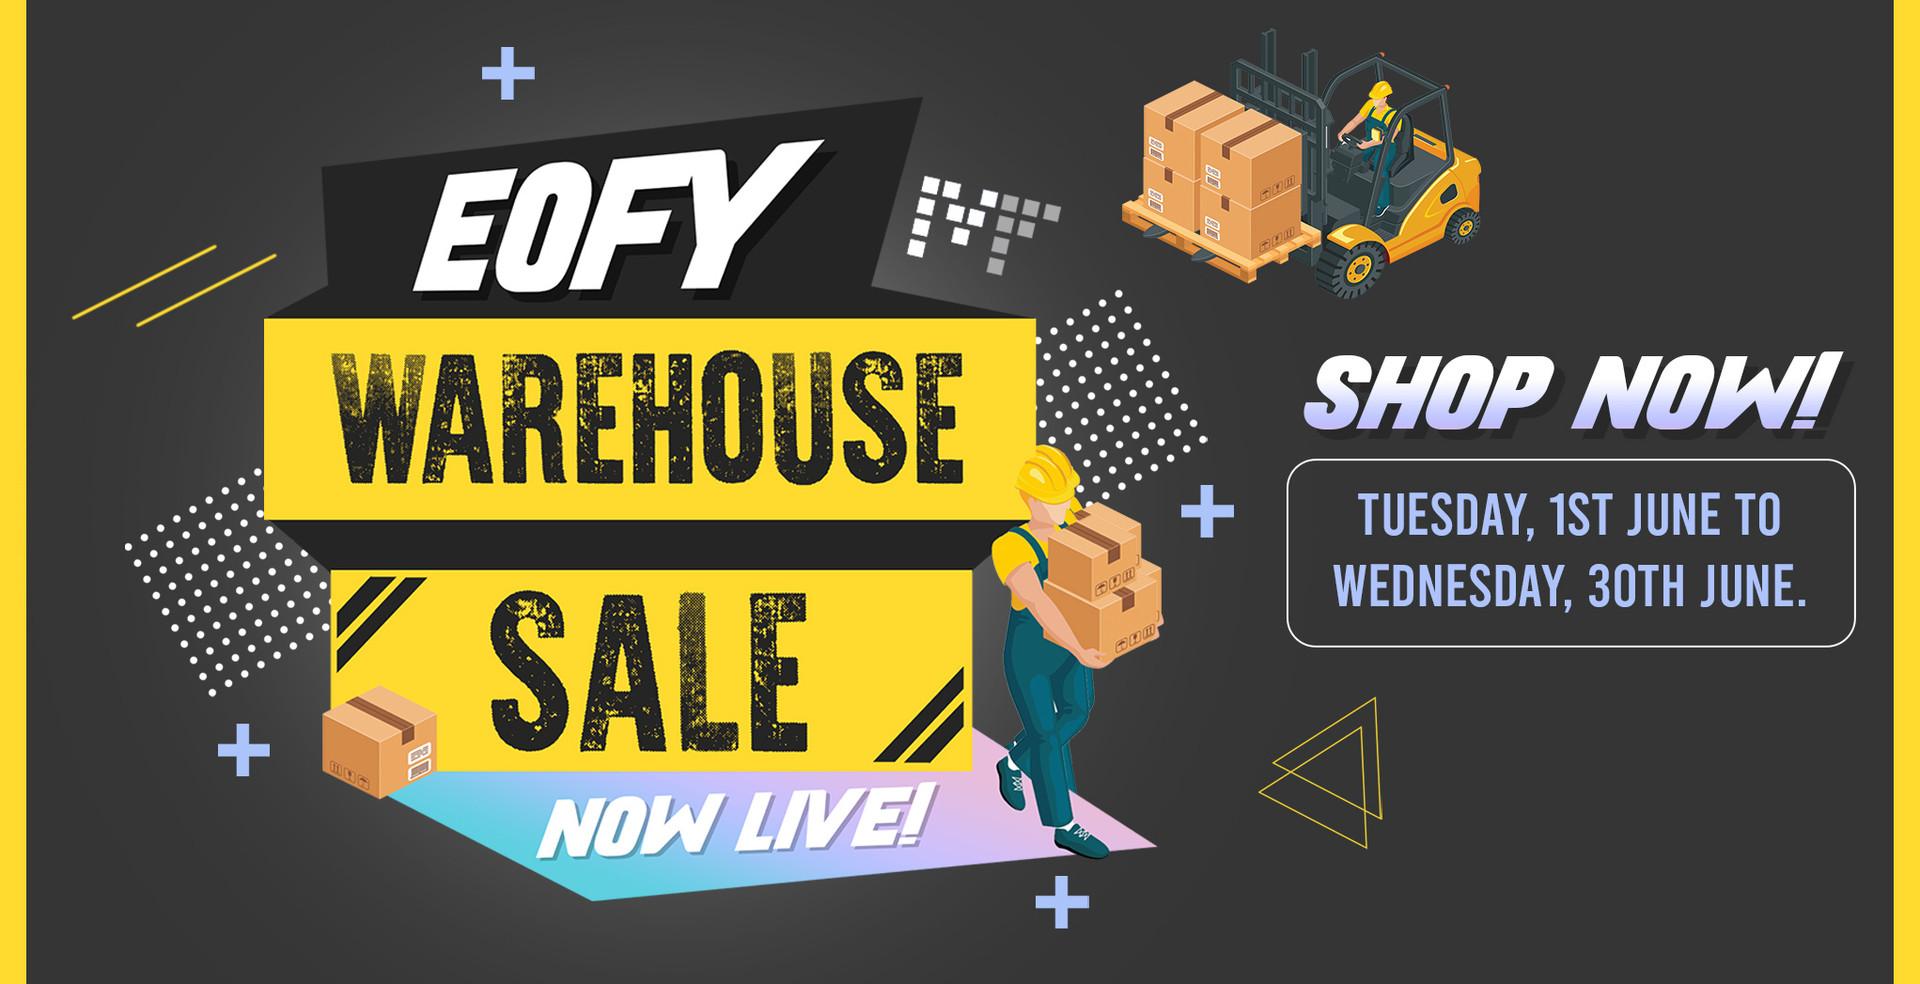 EOFY Warehouse Sale: Shop now between June 1 - June 30